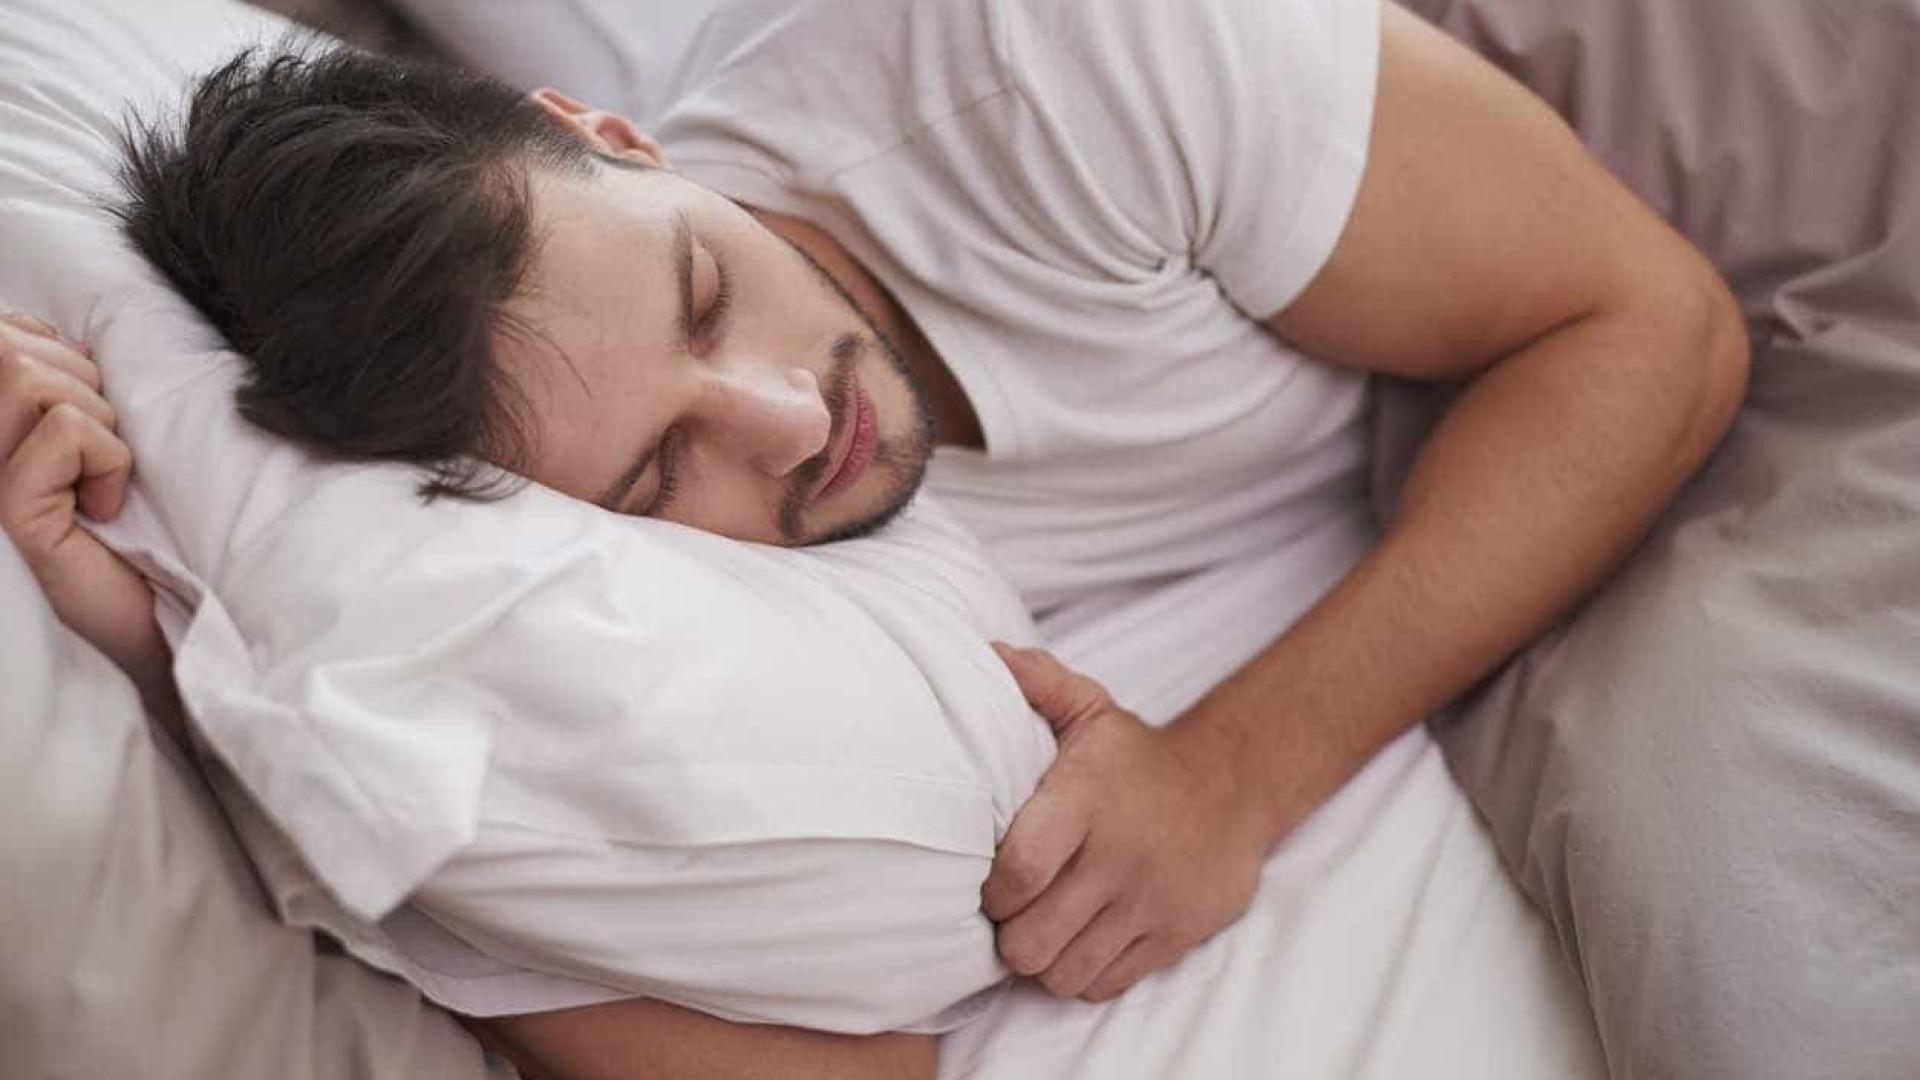 Almofada inovadora promete arrefecer-lhe a cabeça a noite inteira